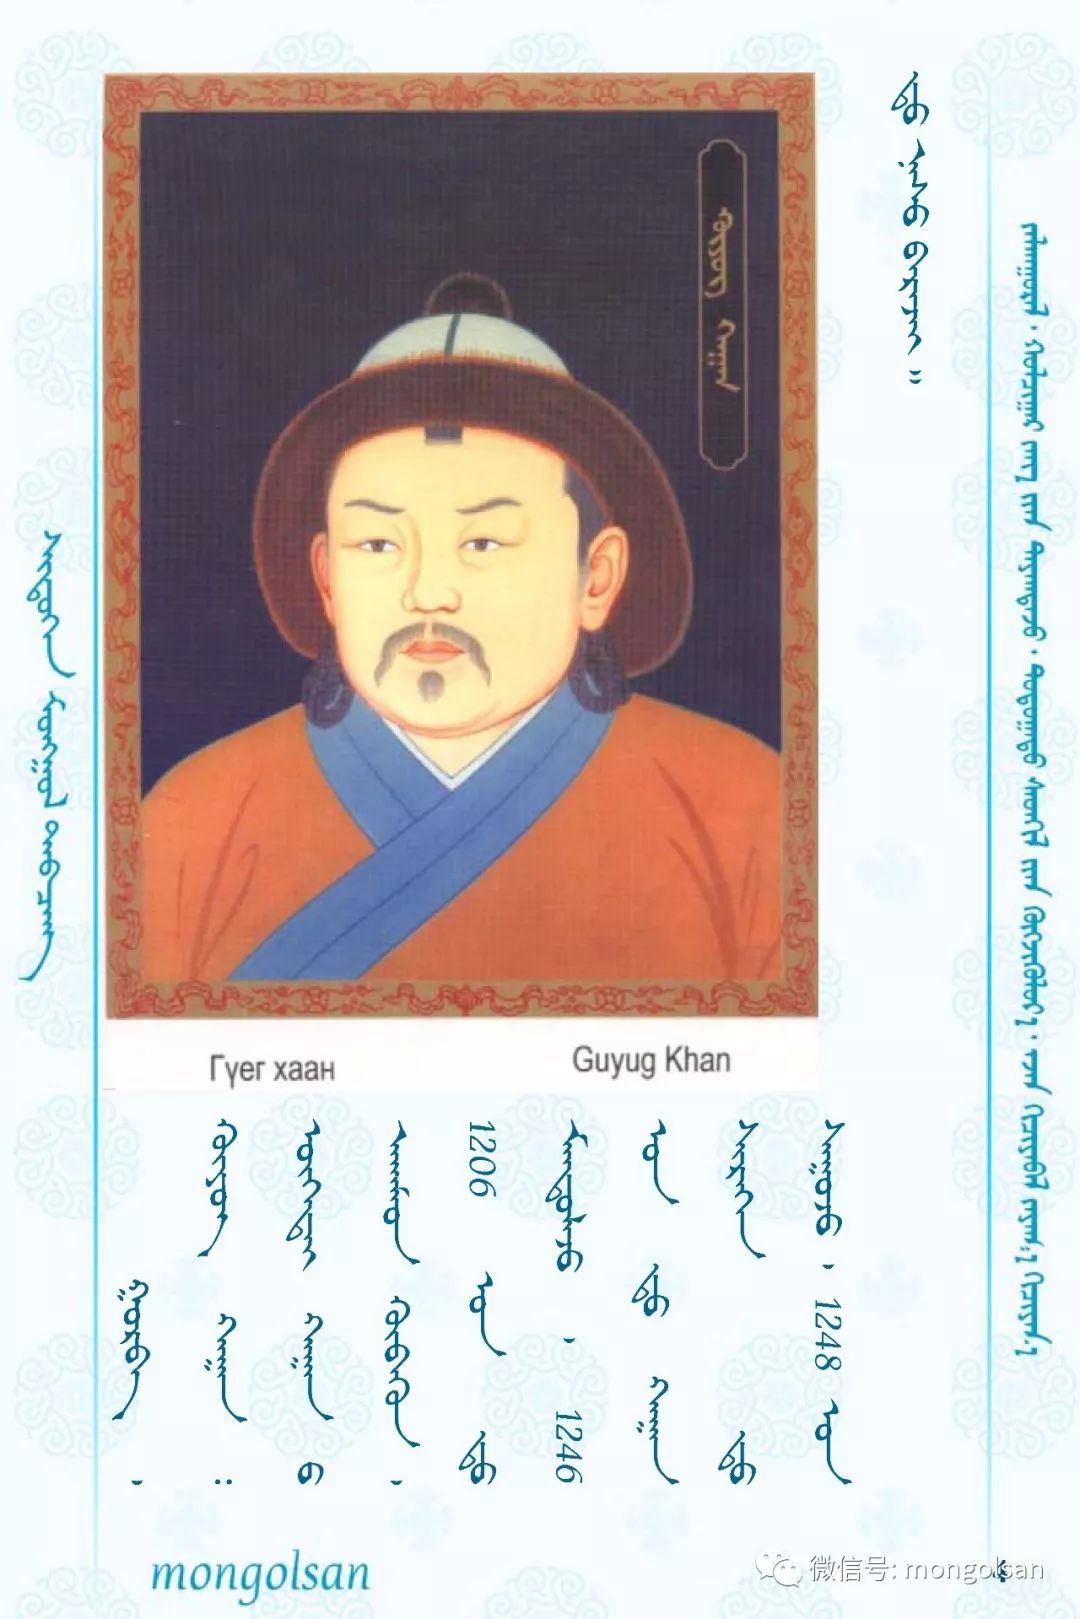 【关注】蒙古皇帝列表 第4张